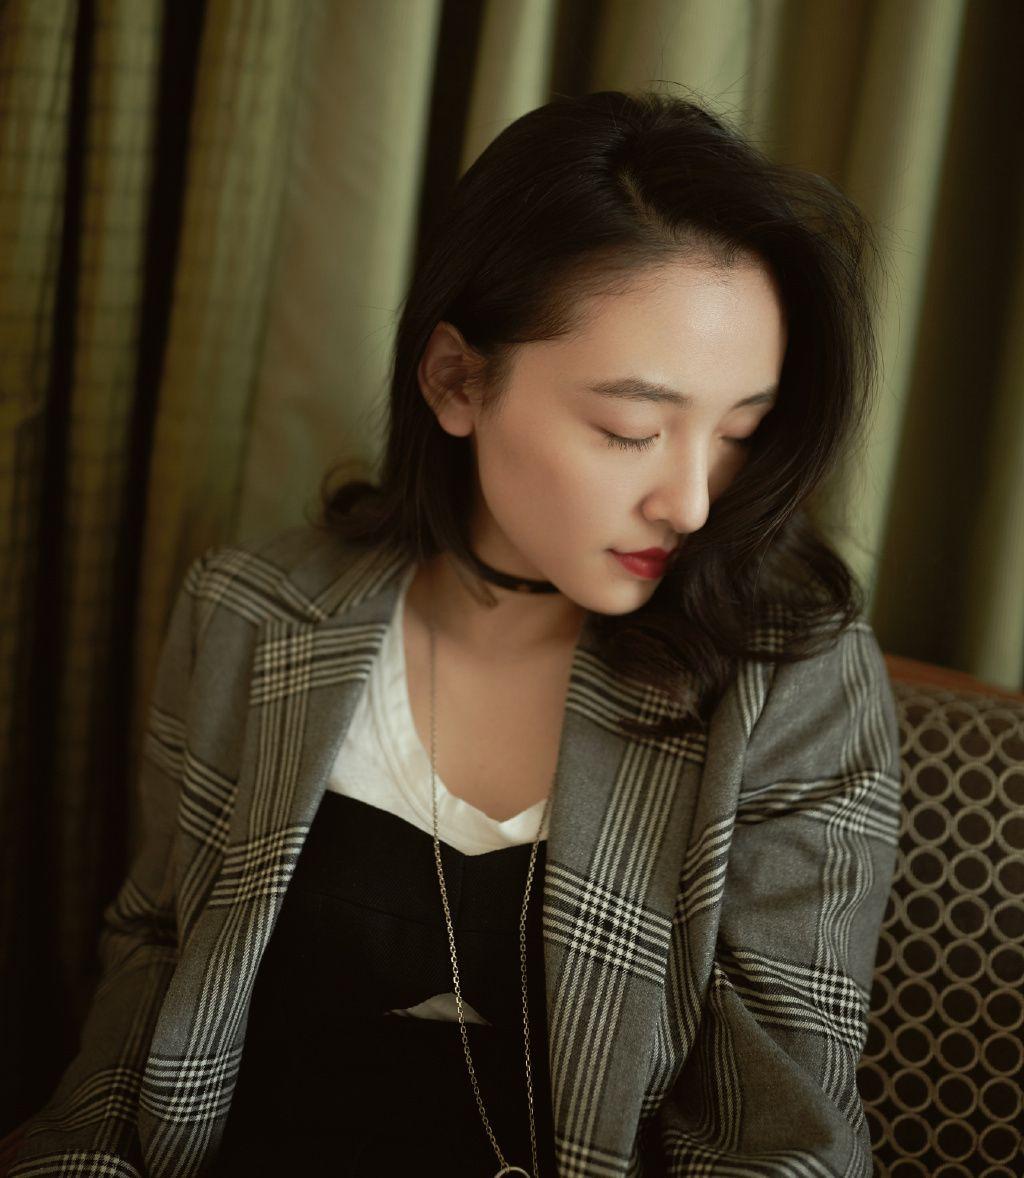 吴倩以优雅气质取胜,身材高挑、外形甜美靓丽,喜欢她吗?